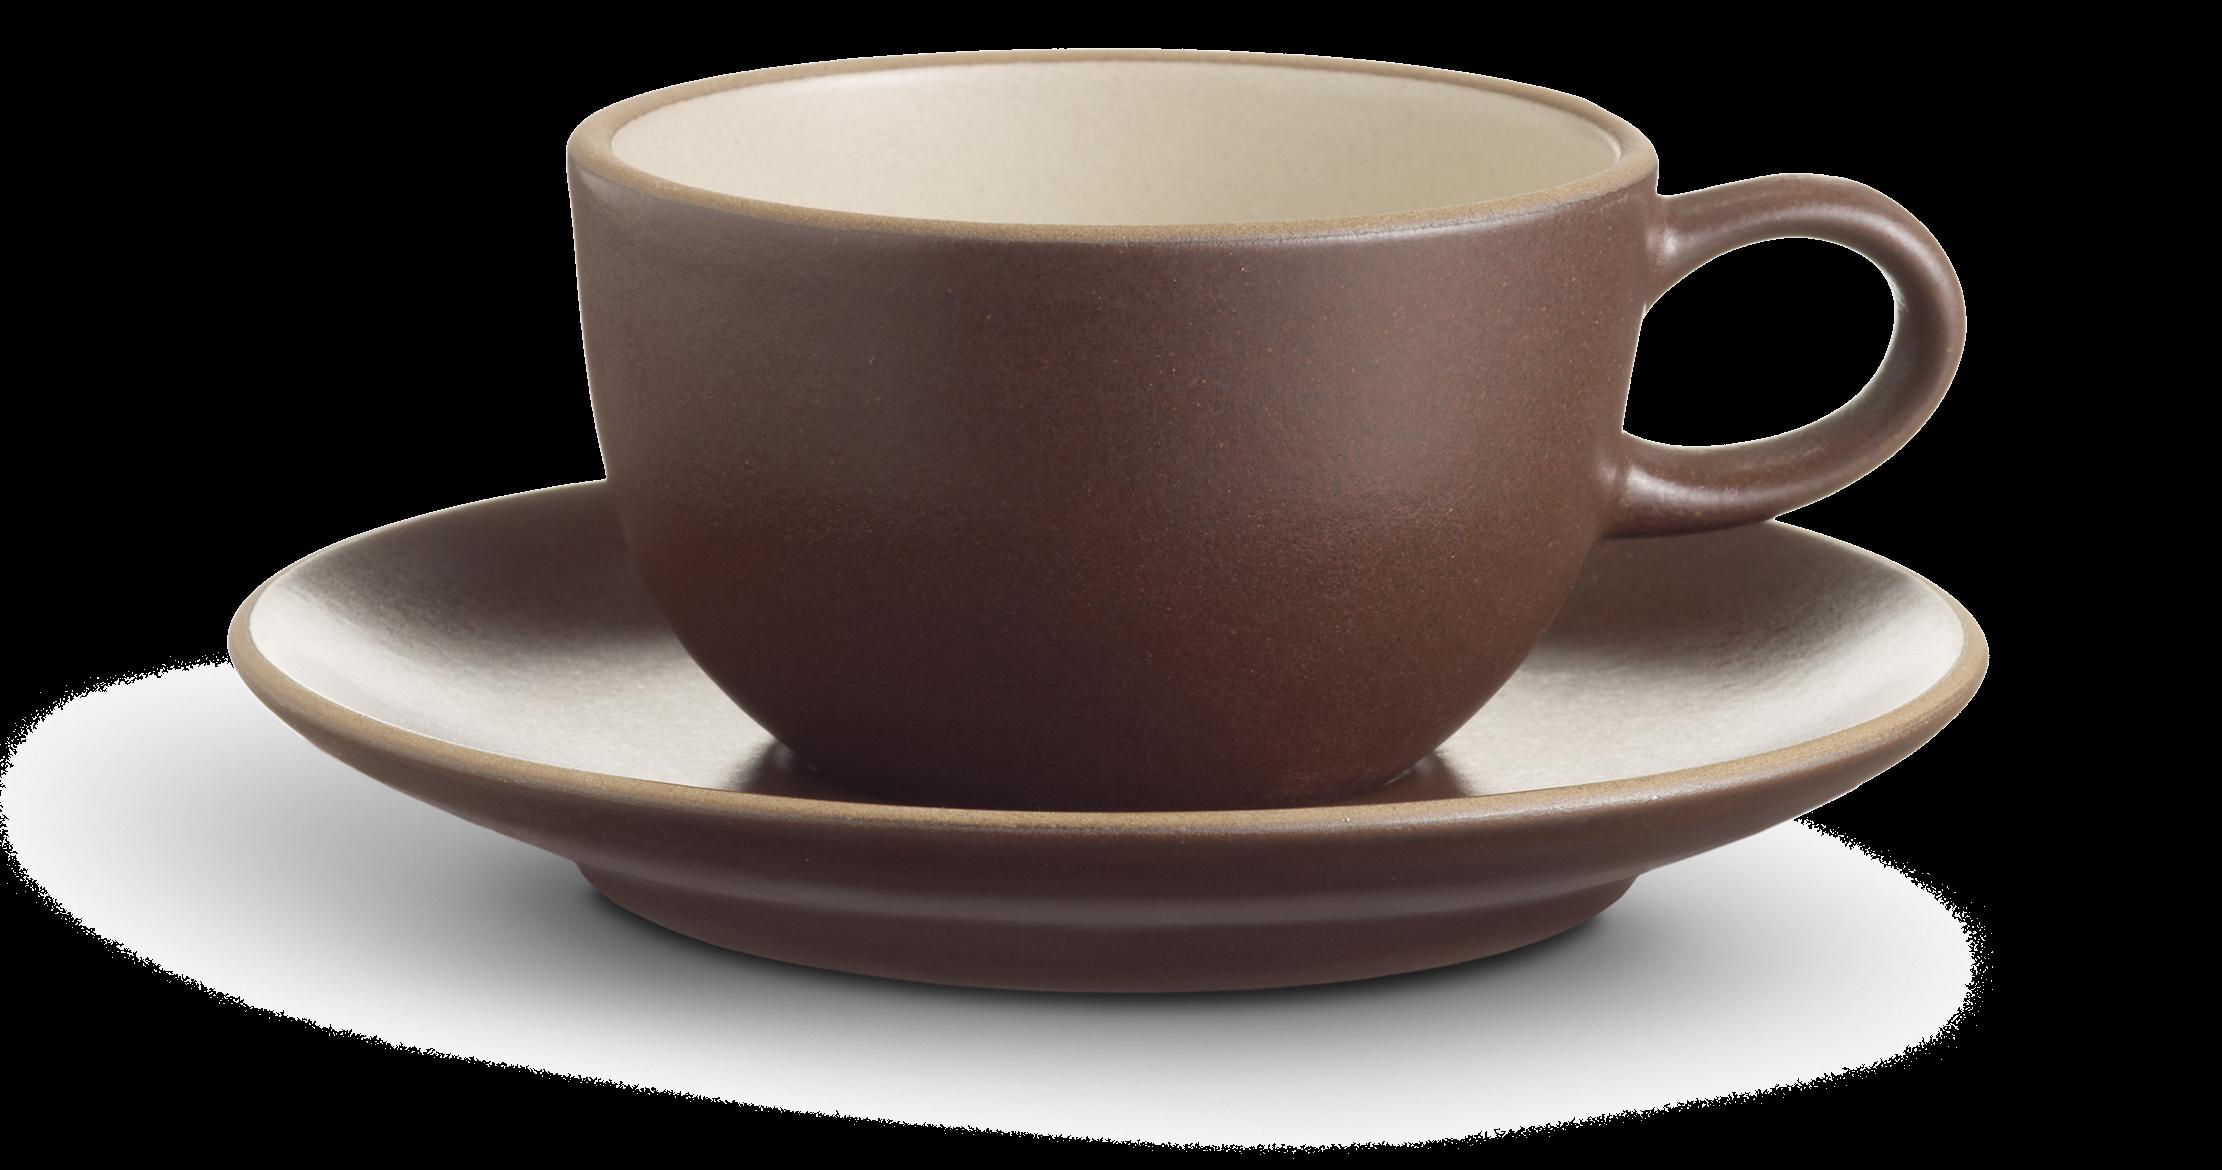 image transparent download Teacup clipart images. Tea cup png transparent